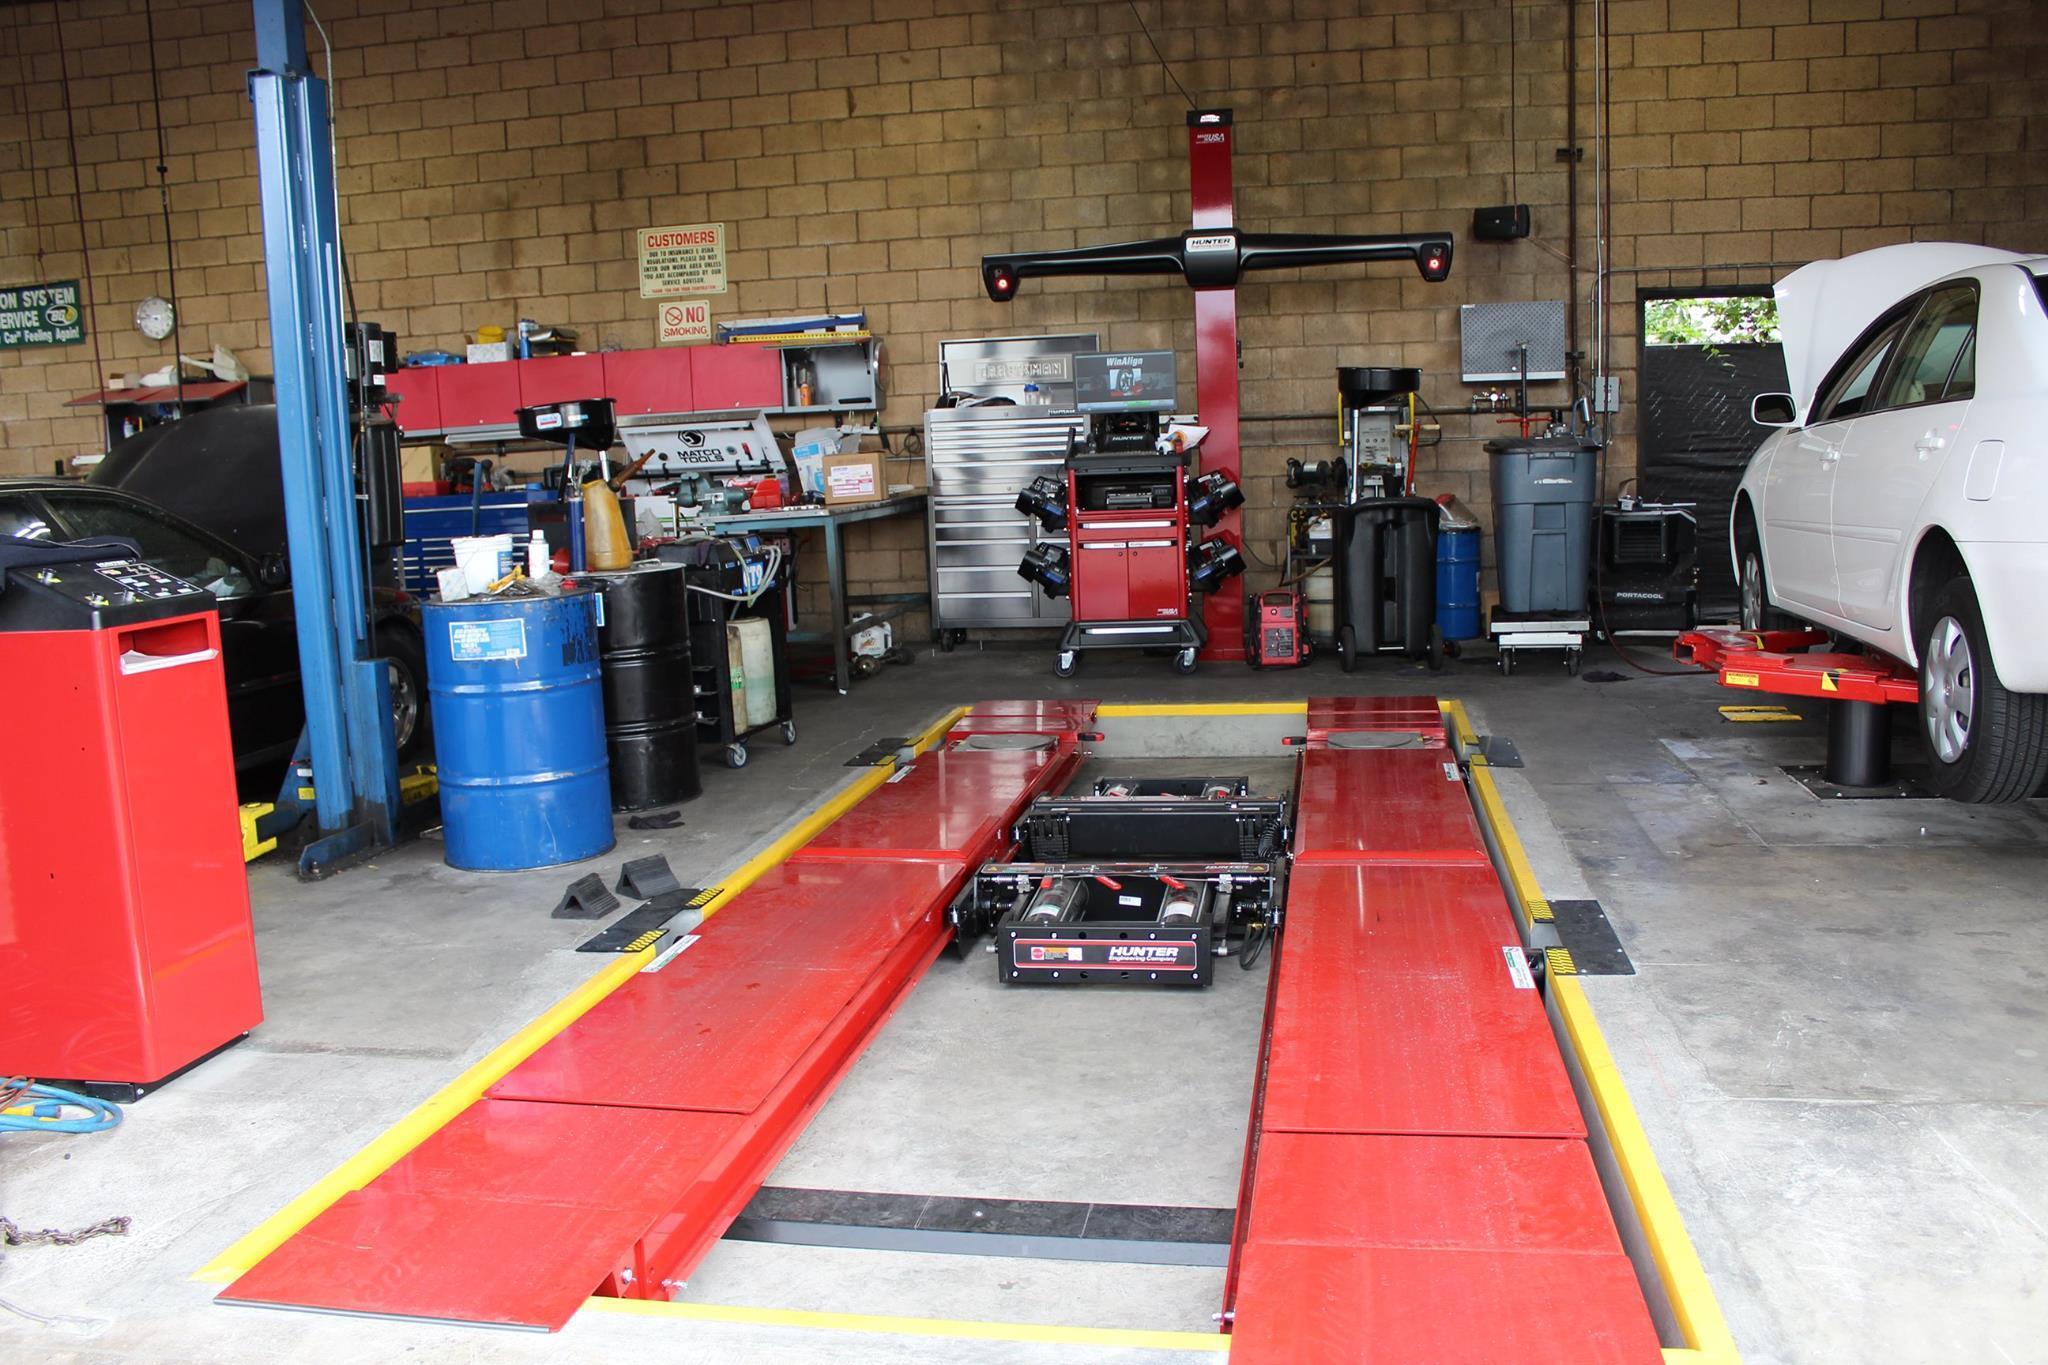 Shige's Premier Auto Service image 1